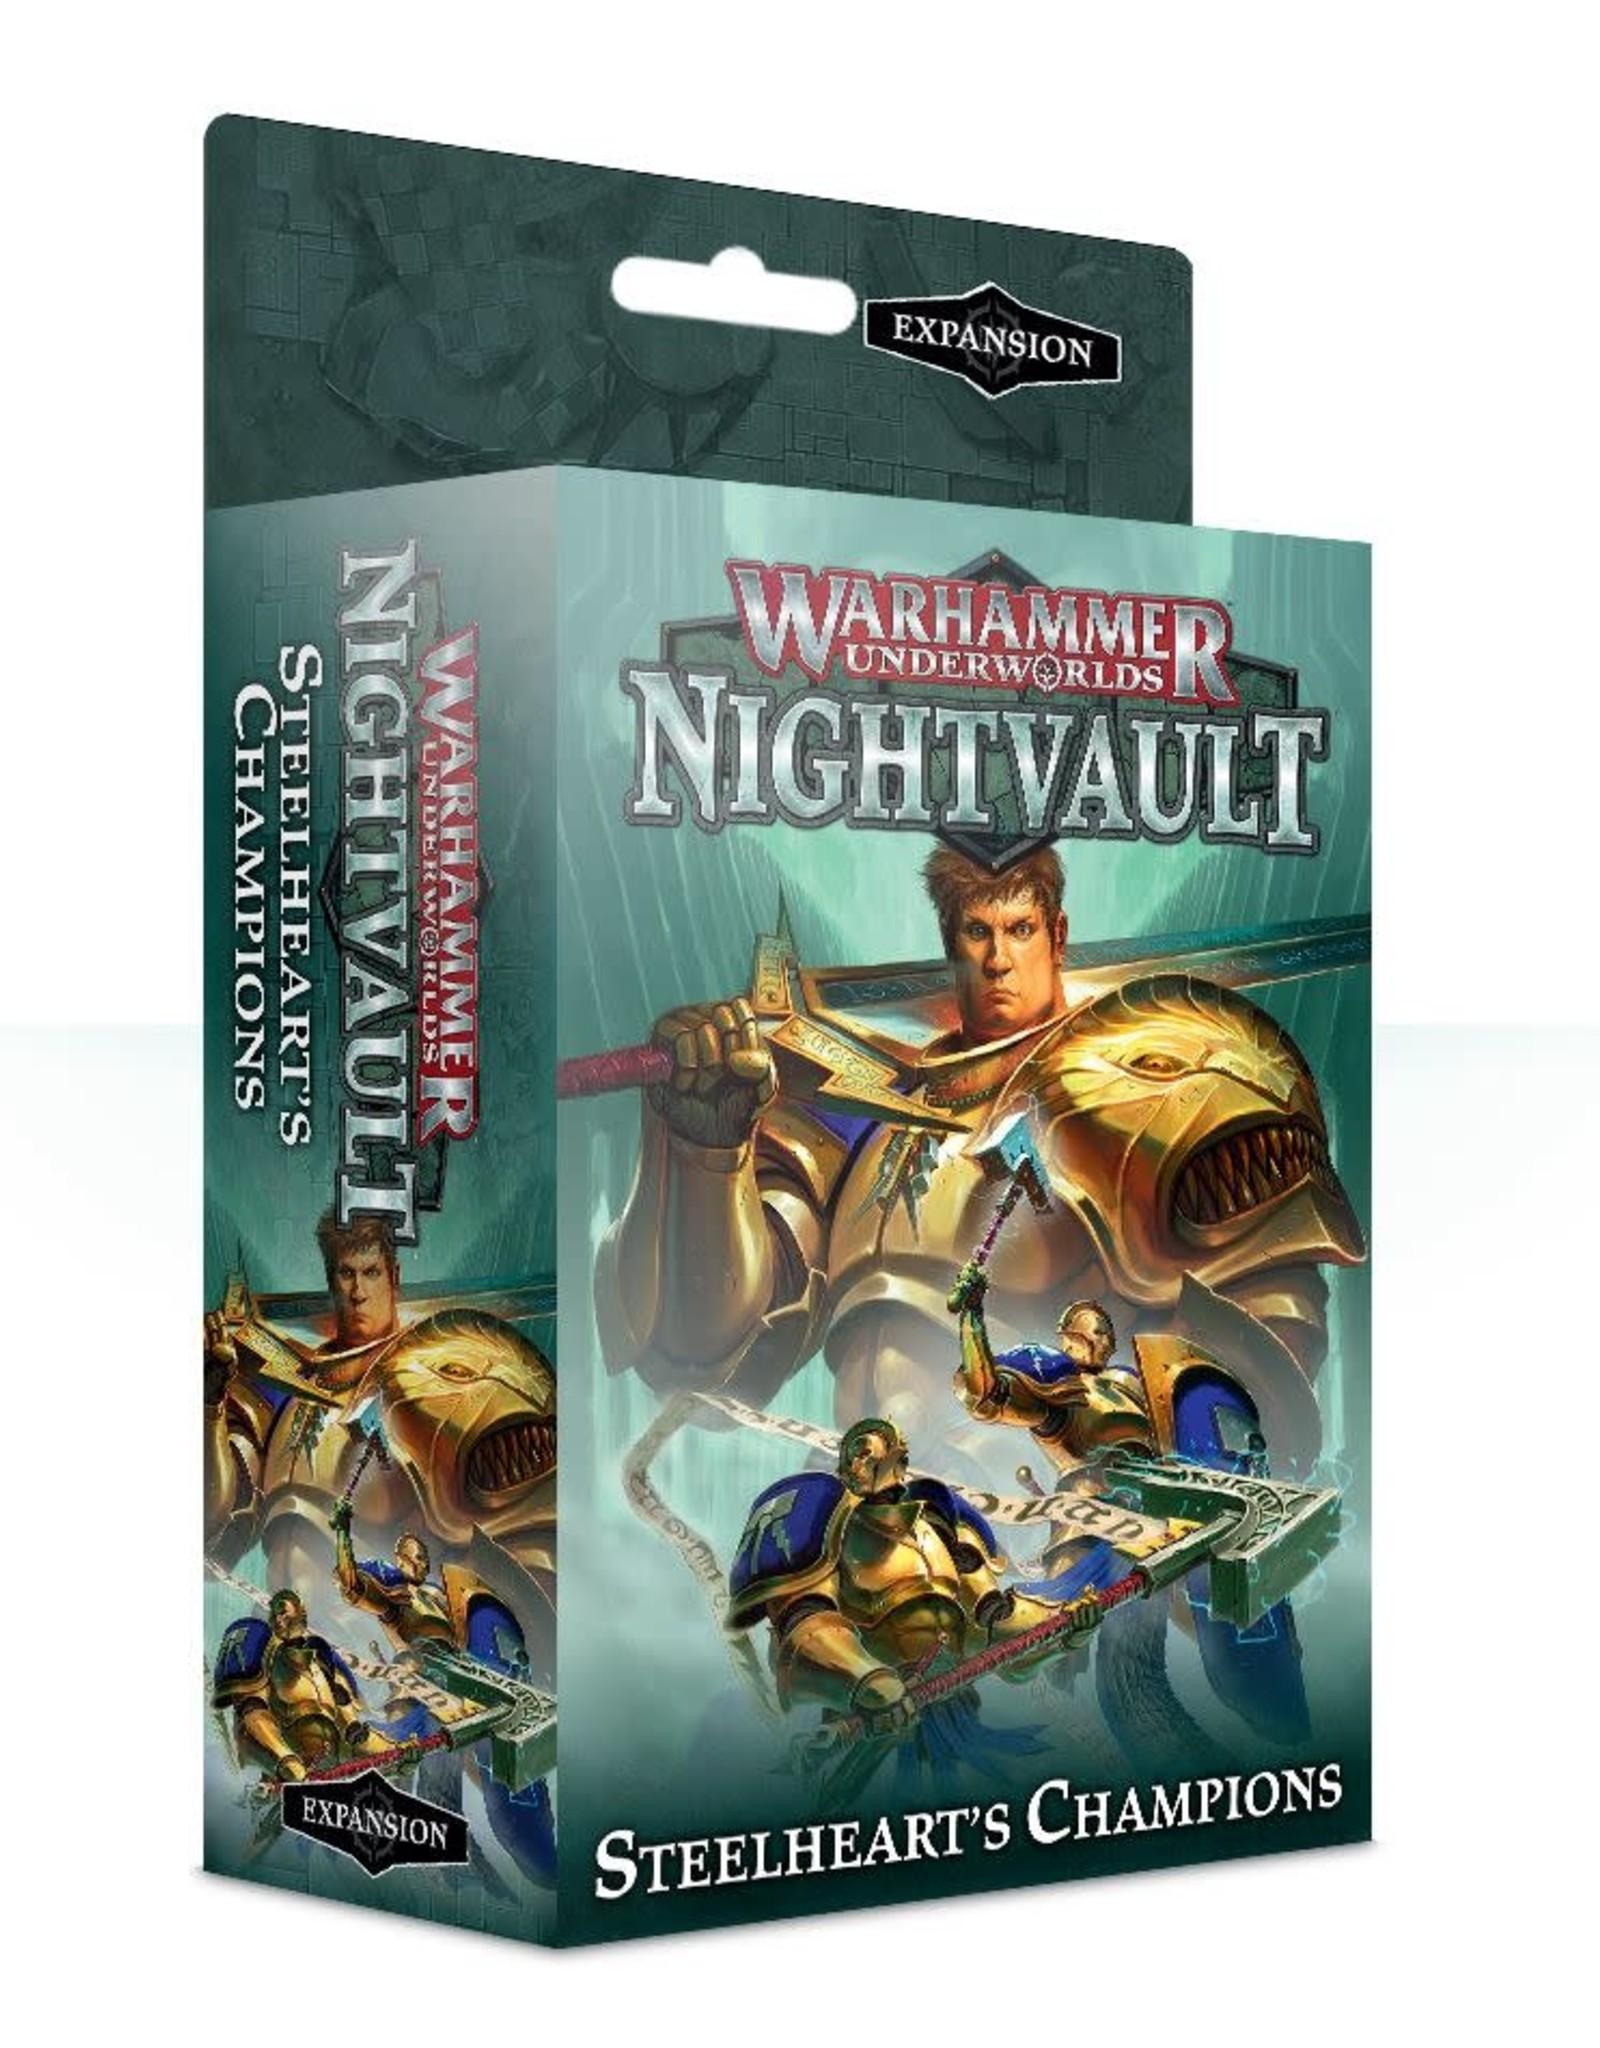 Warhammer Underworlds Warhammer Underworlds: Steelhearts Champions